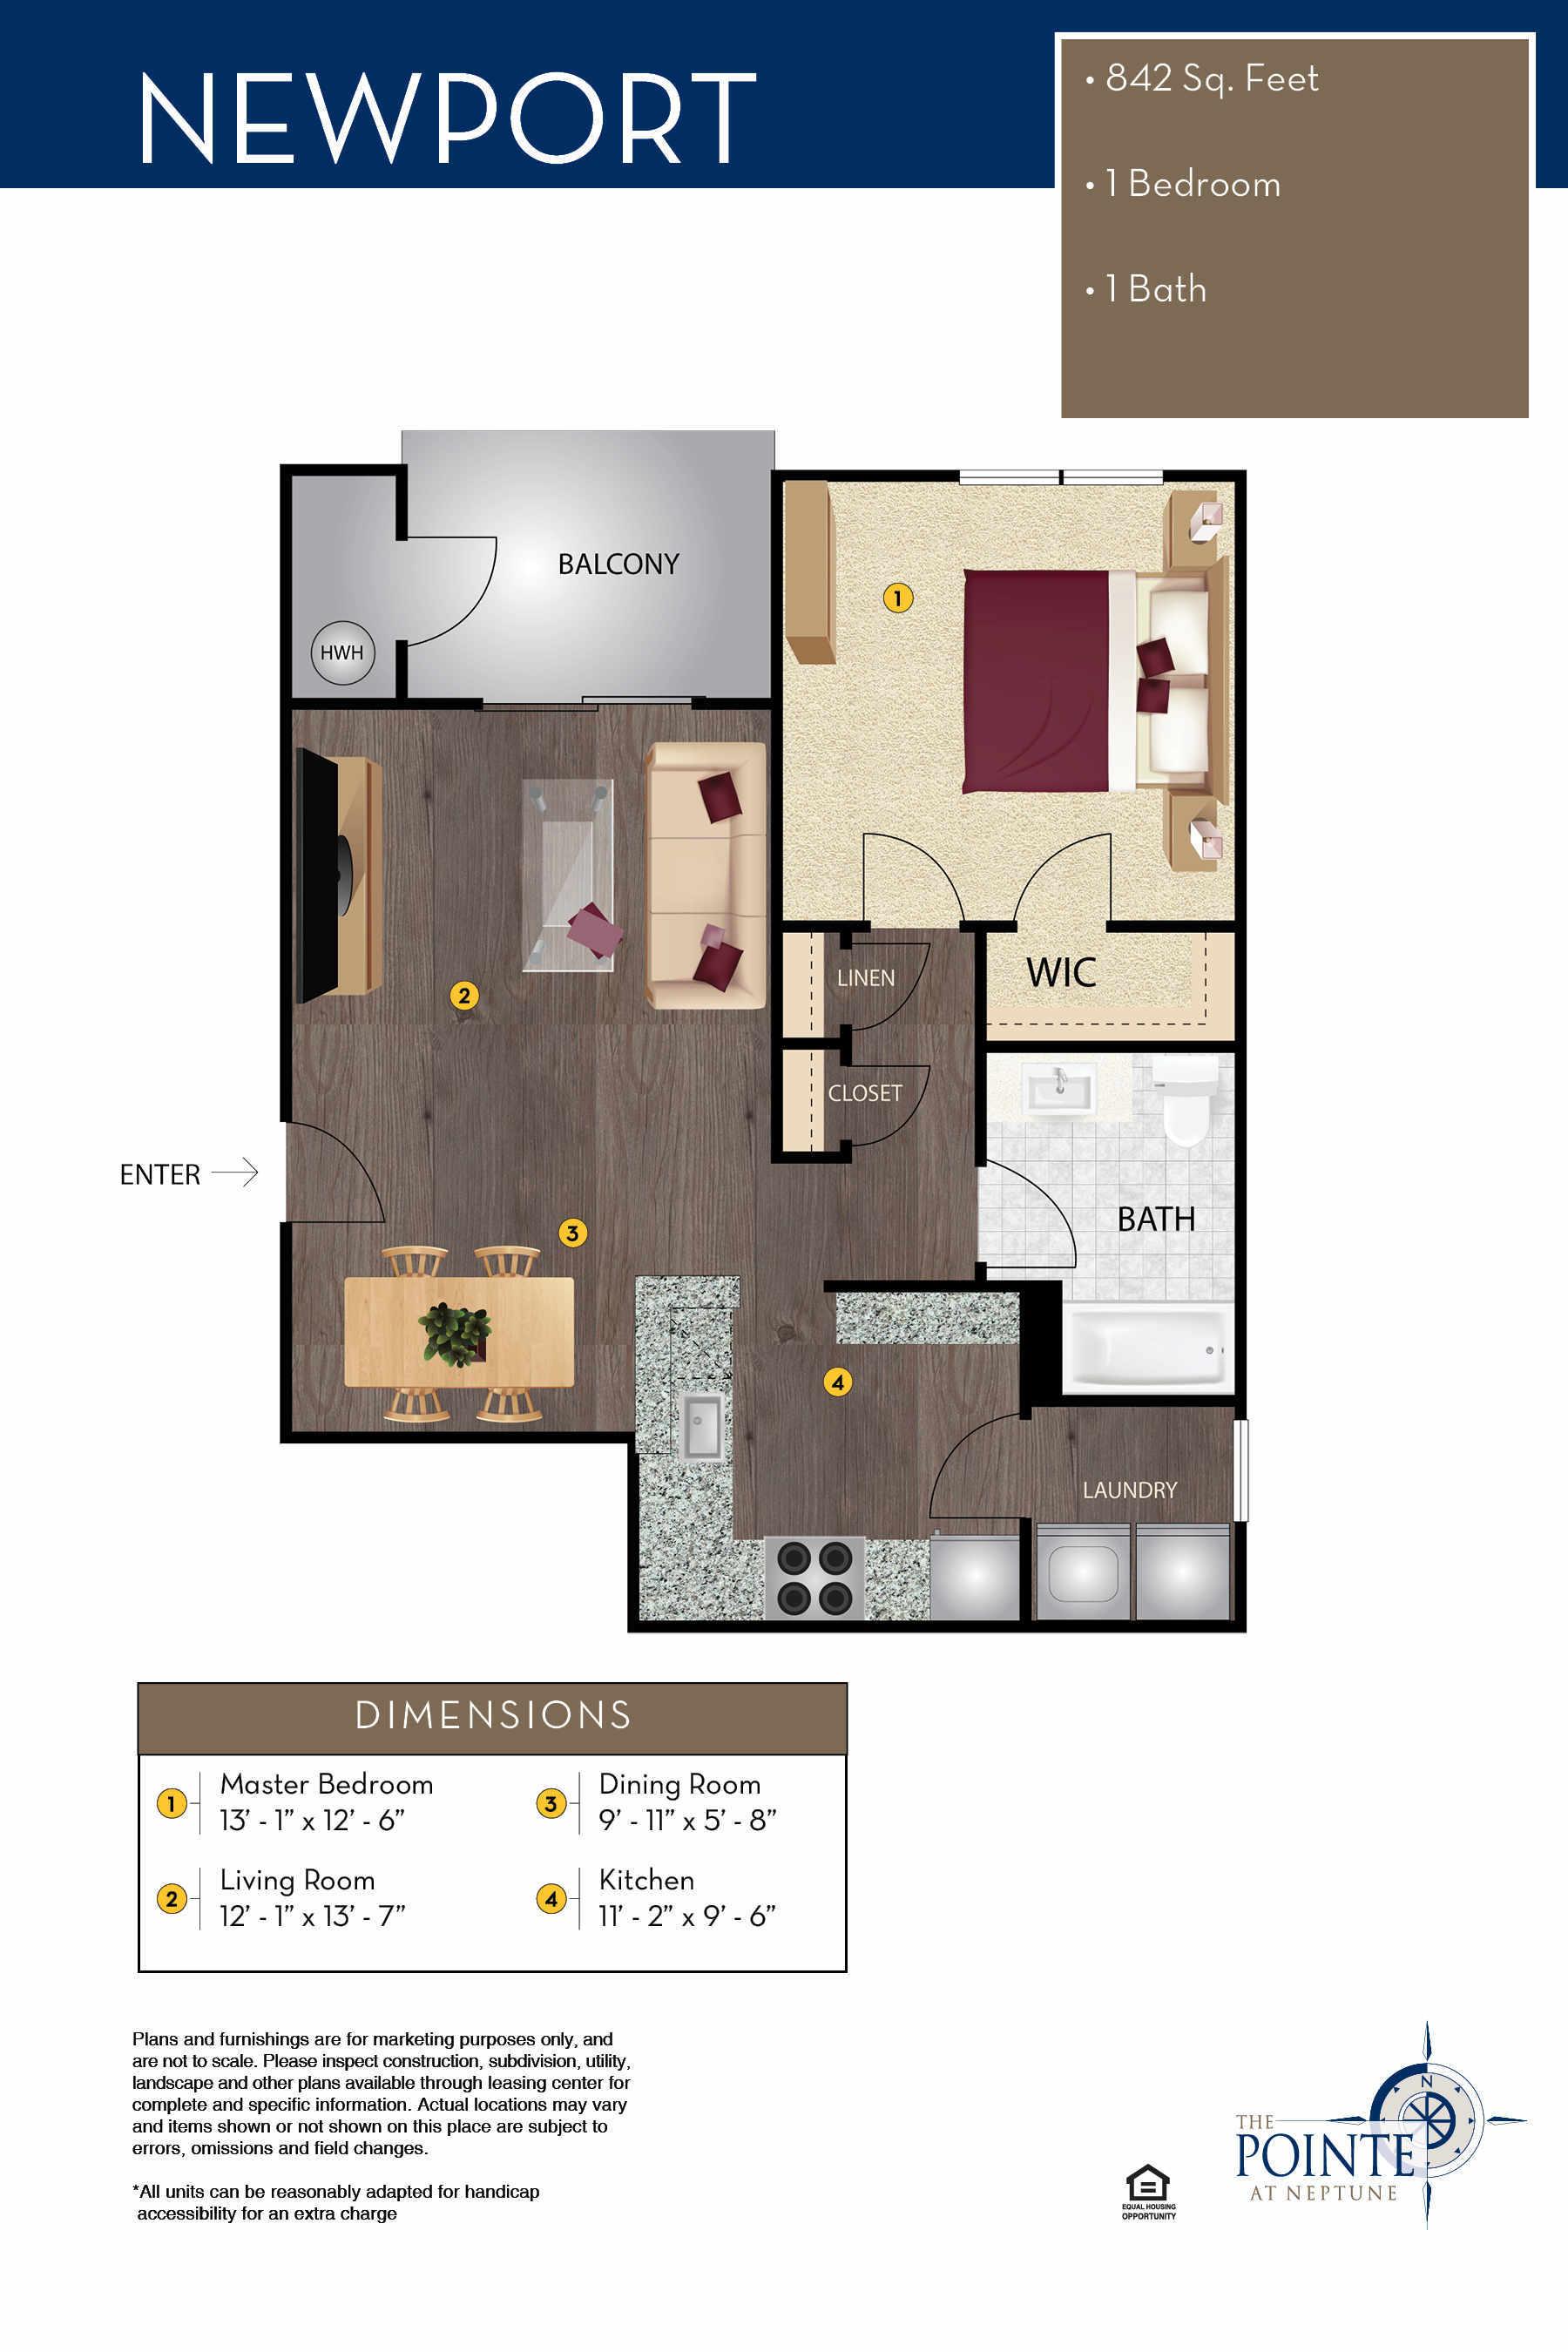 The Newport Floor Plan